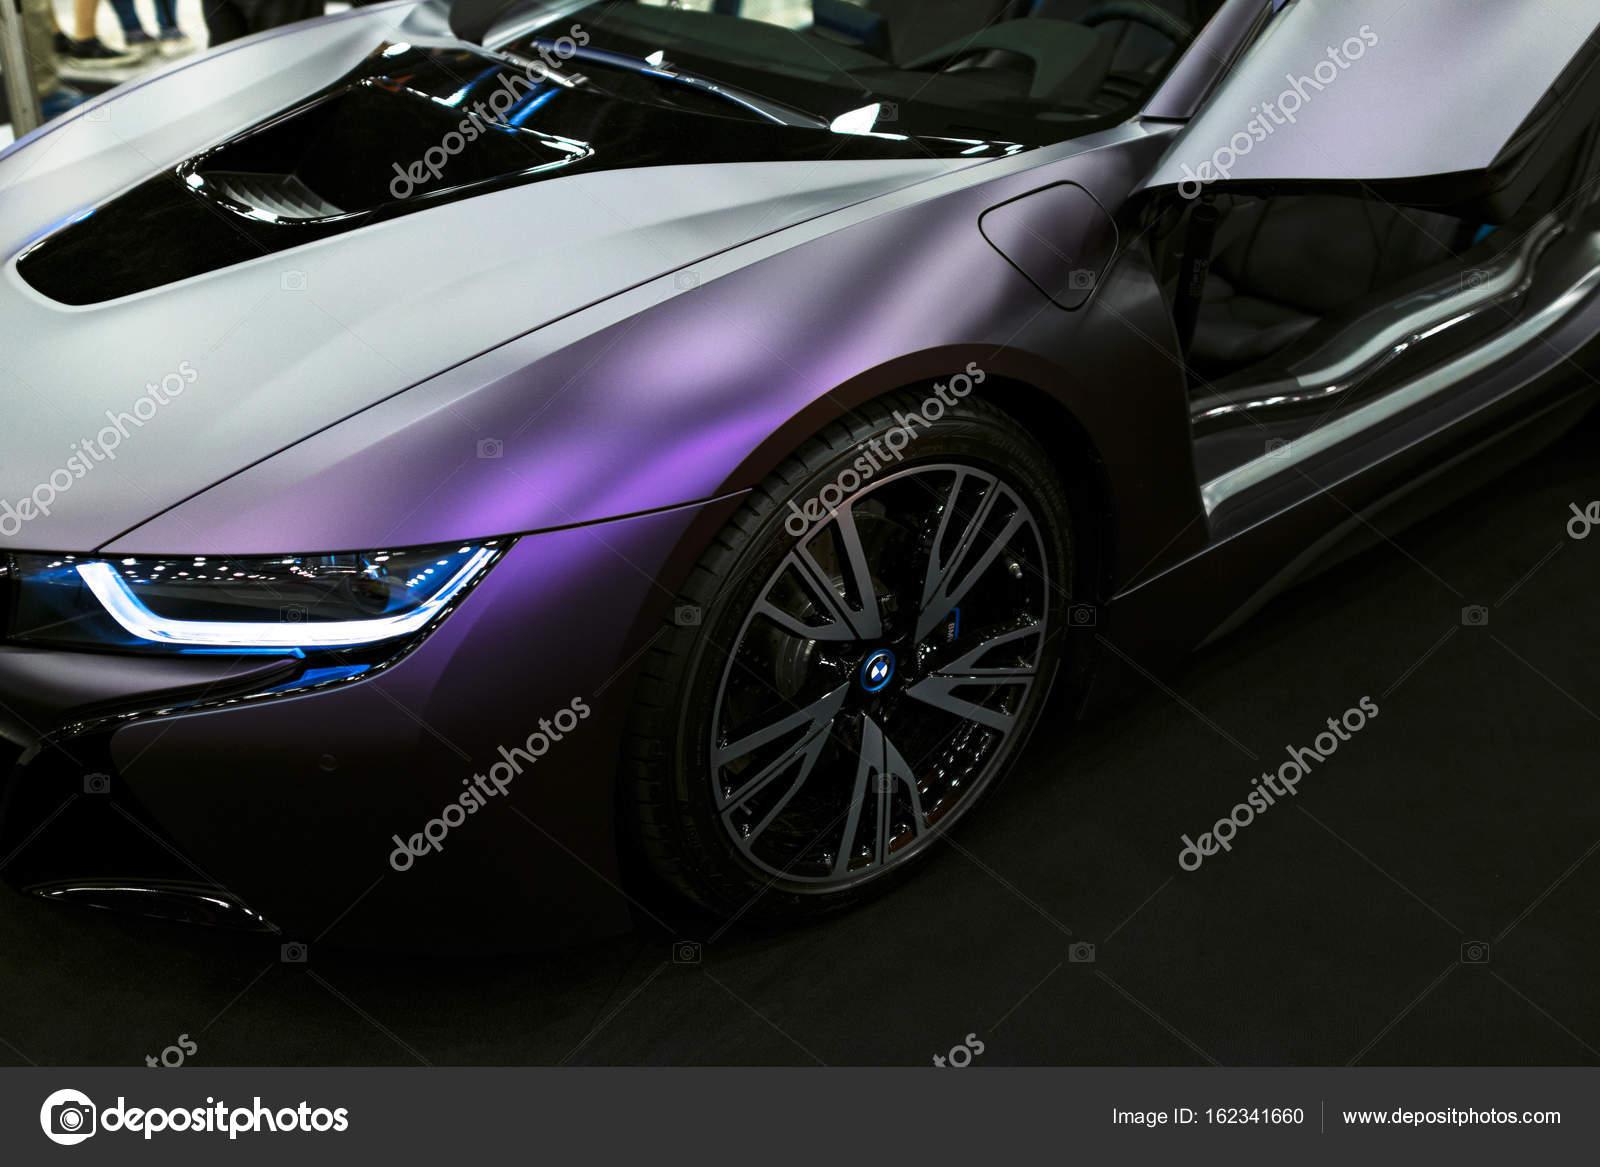 Luxe Bmw I8 Hybride Elektrische Coupe Plug In Hybride Sportwagen